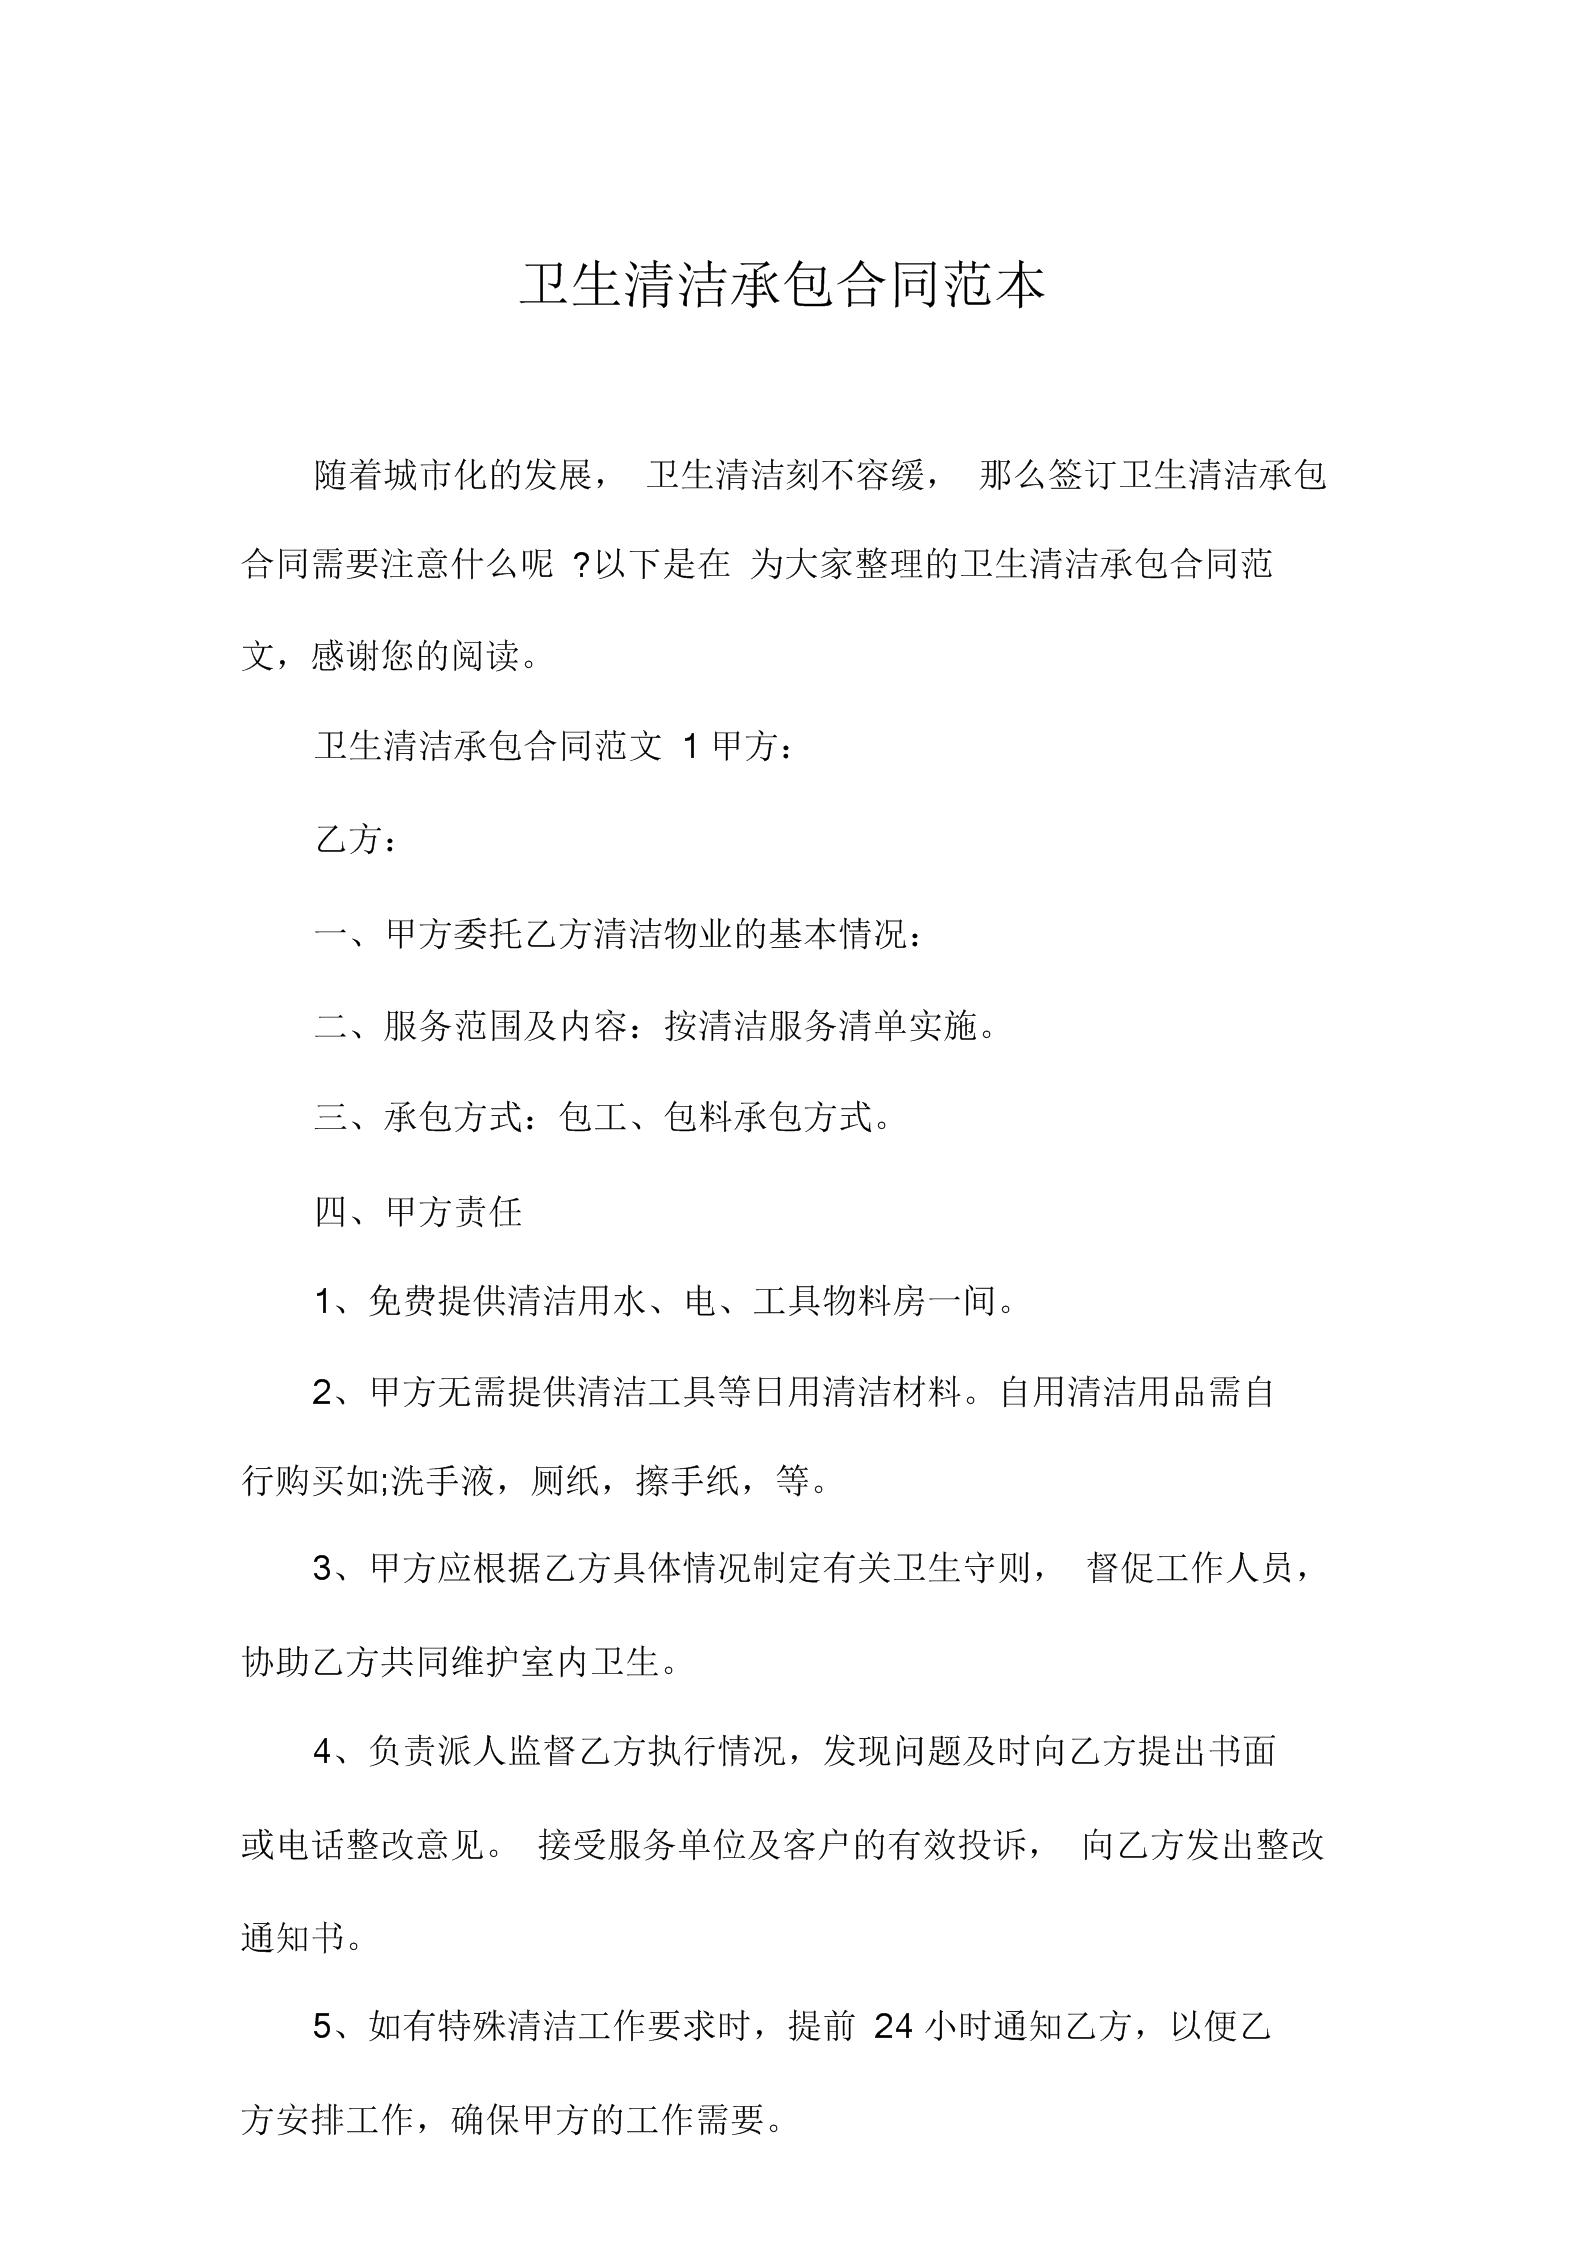 卫生清洁承包合同模板范本.doc